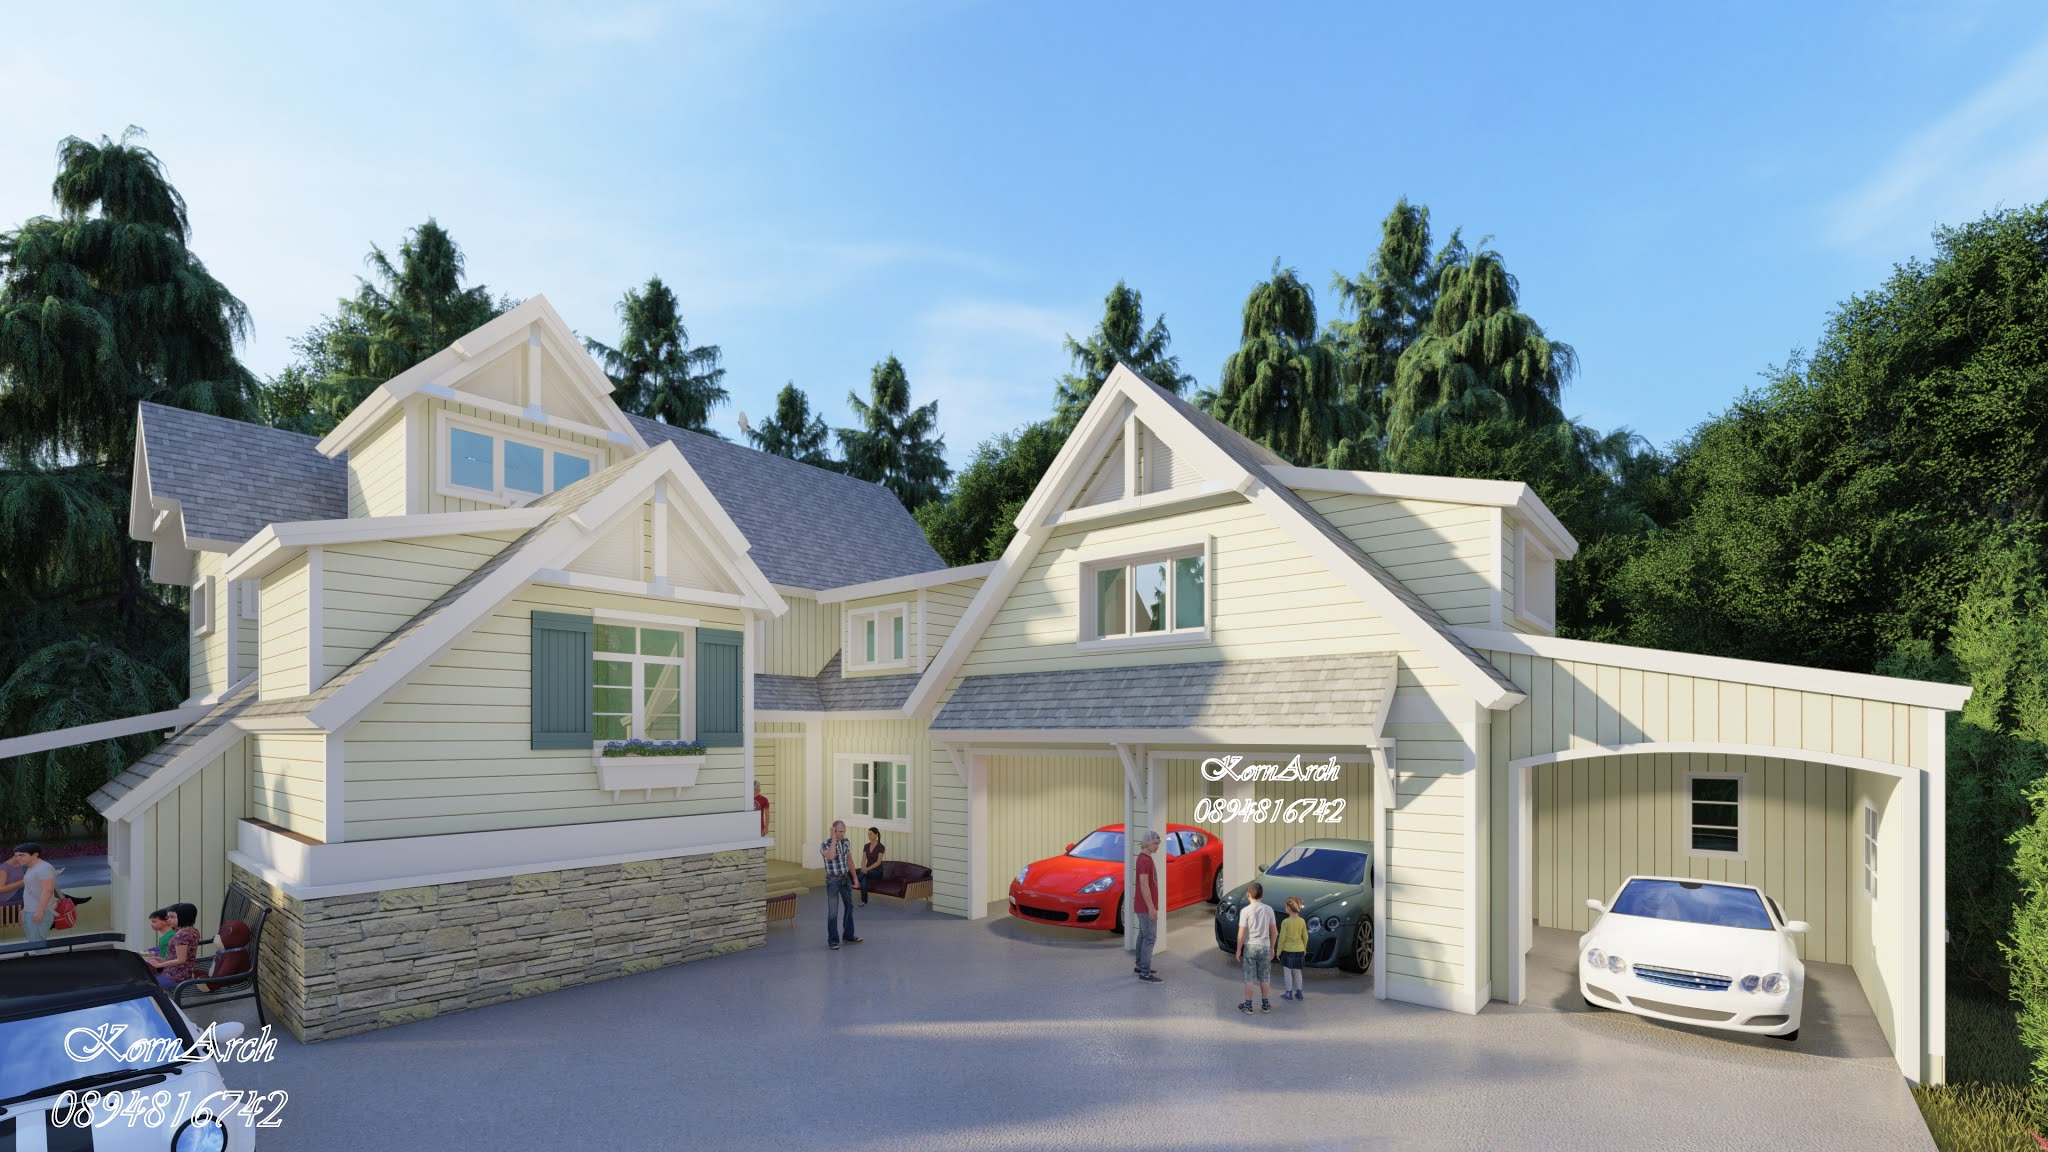 แบบบ้าน2ชั้น สไตล์อิงลิชคอทเทจ เจ้าของโครงการคุณชัยแสง สุคนธบุศย์ สถานที่ก่อสร้าง เขตตลิ่งชัน กทม